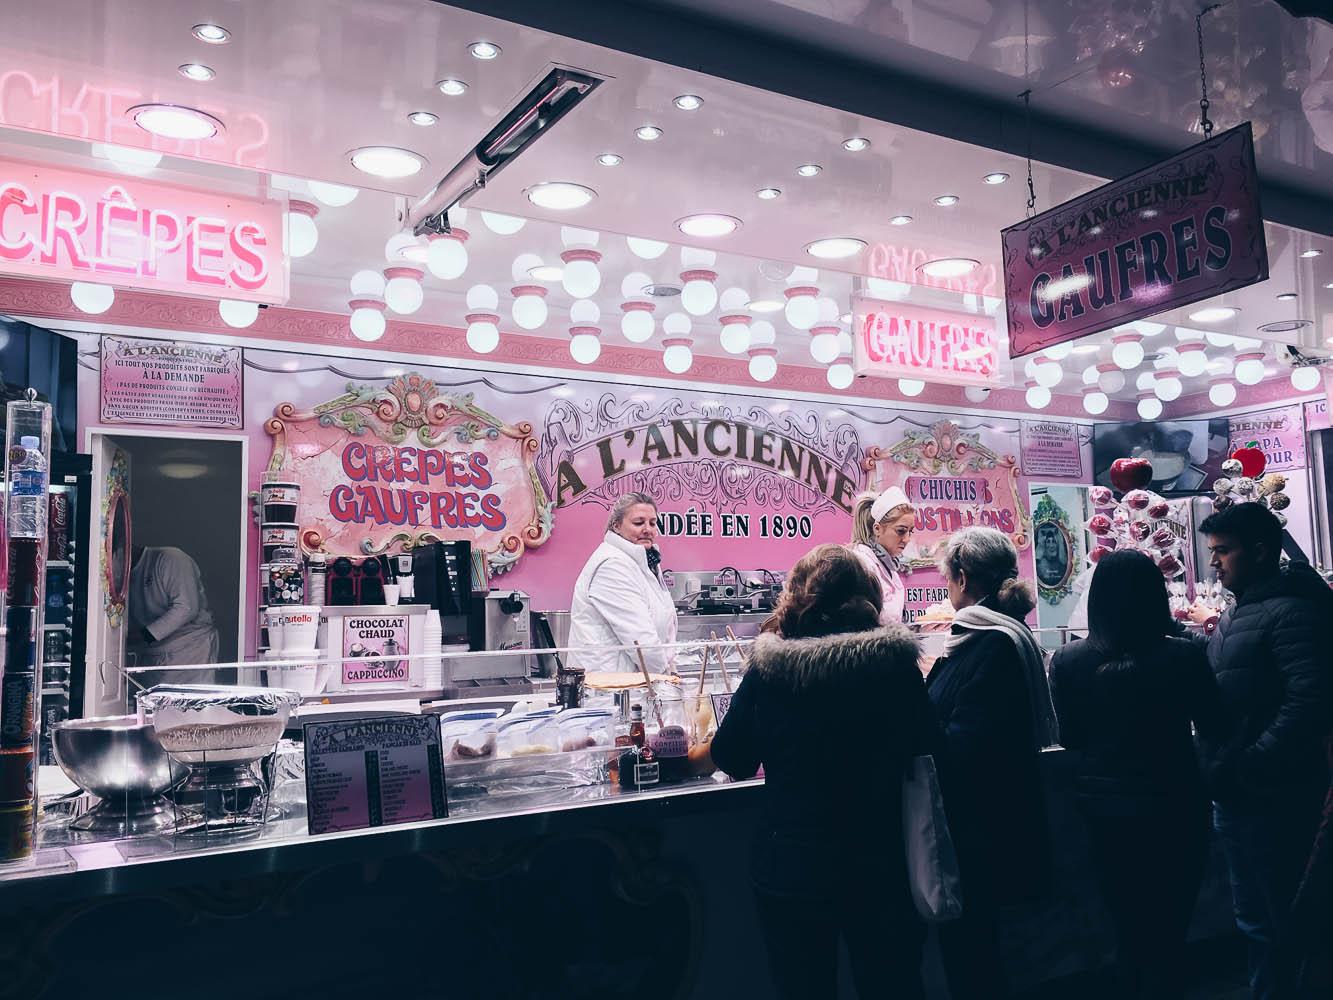 crepes christmas market paris france